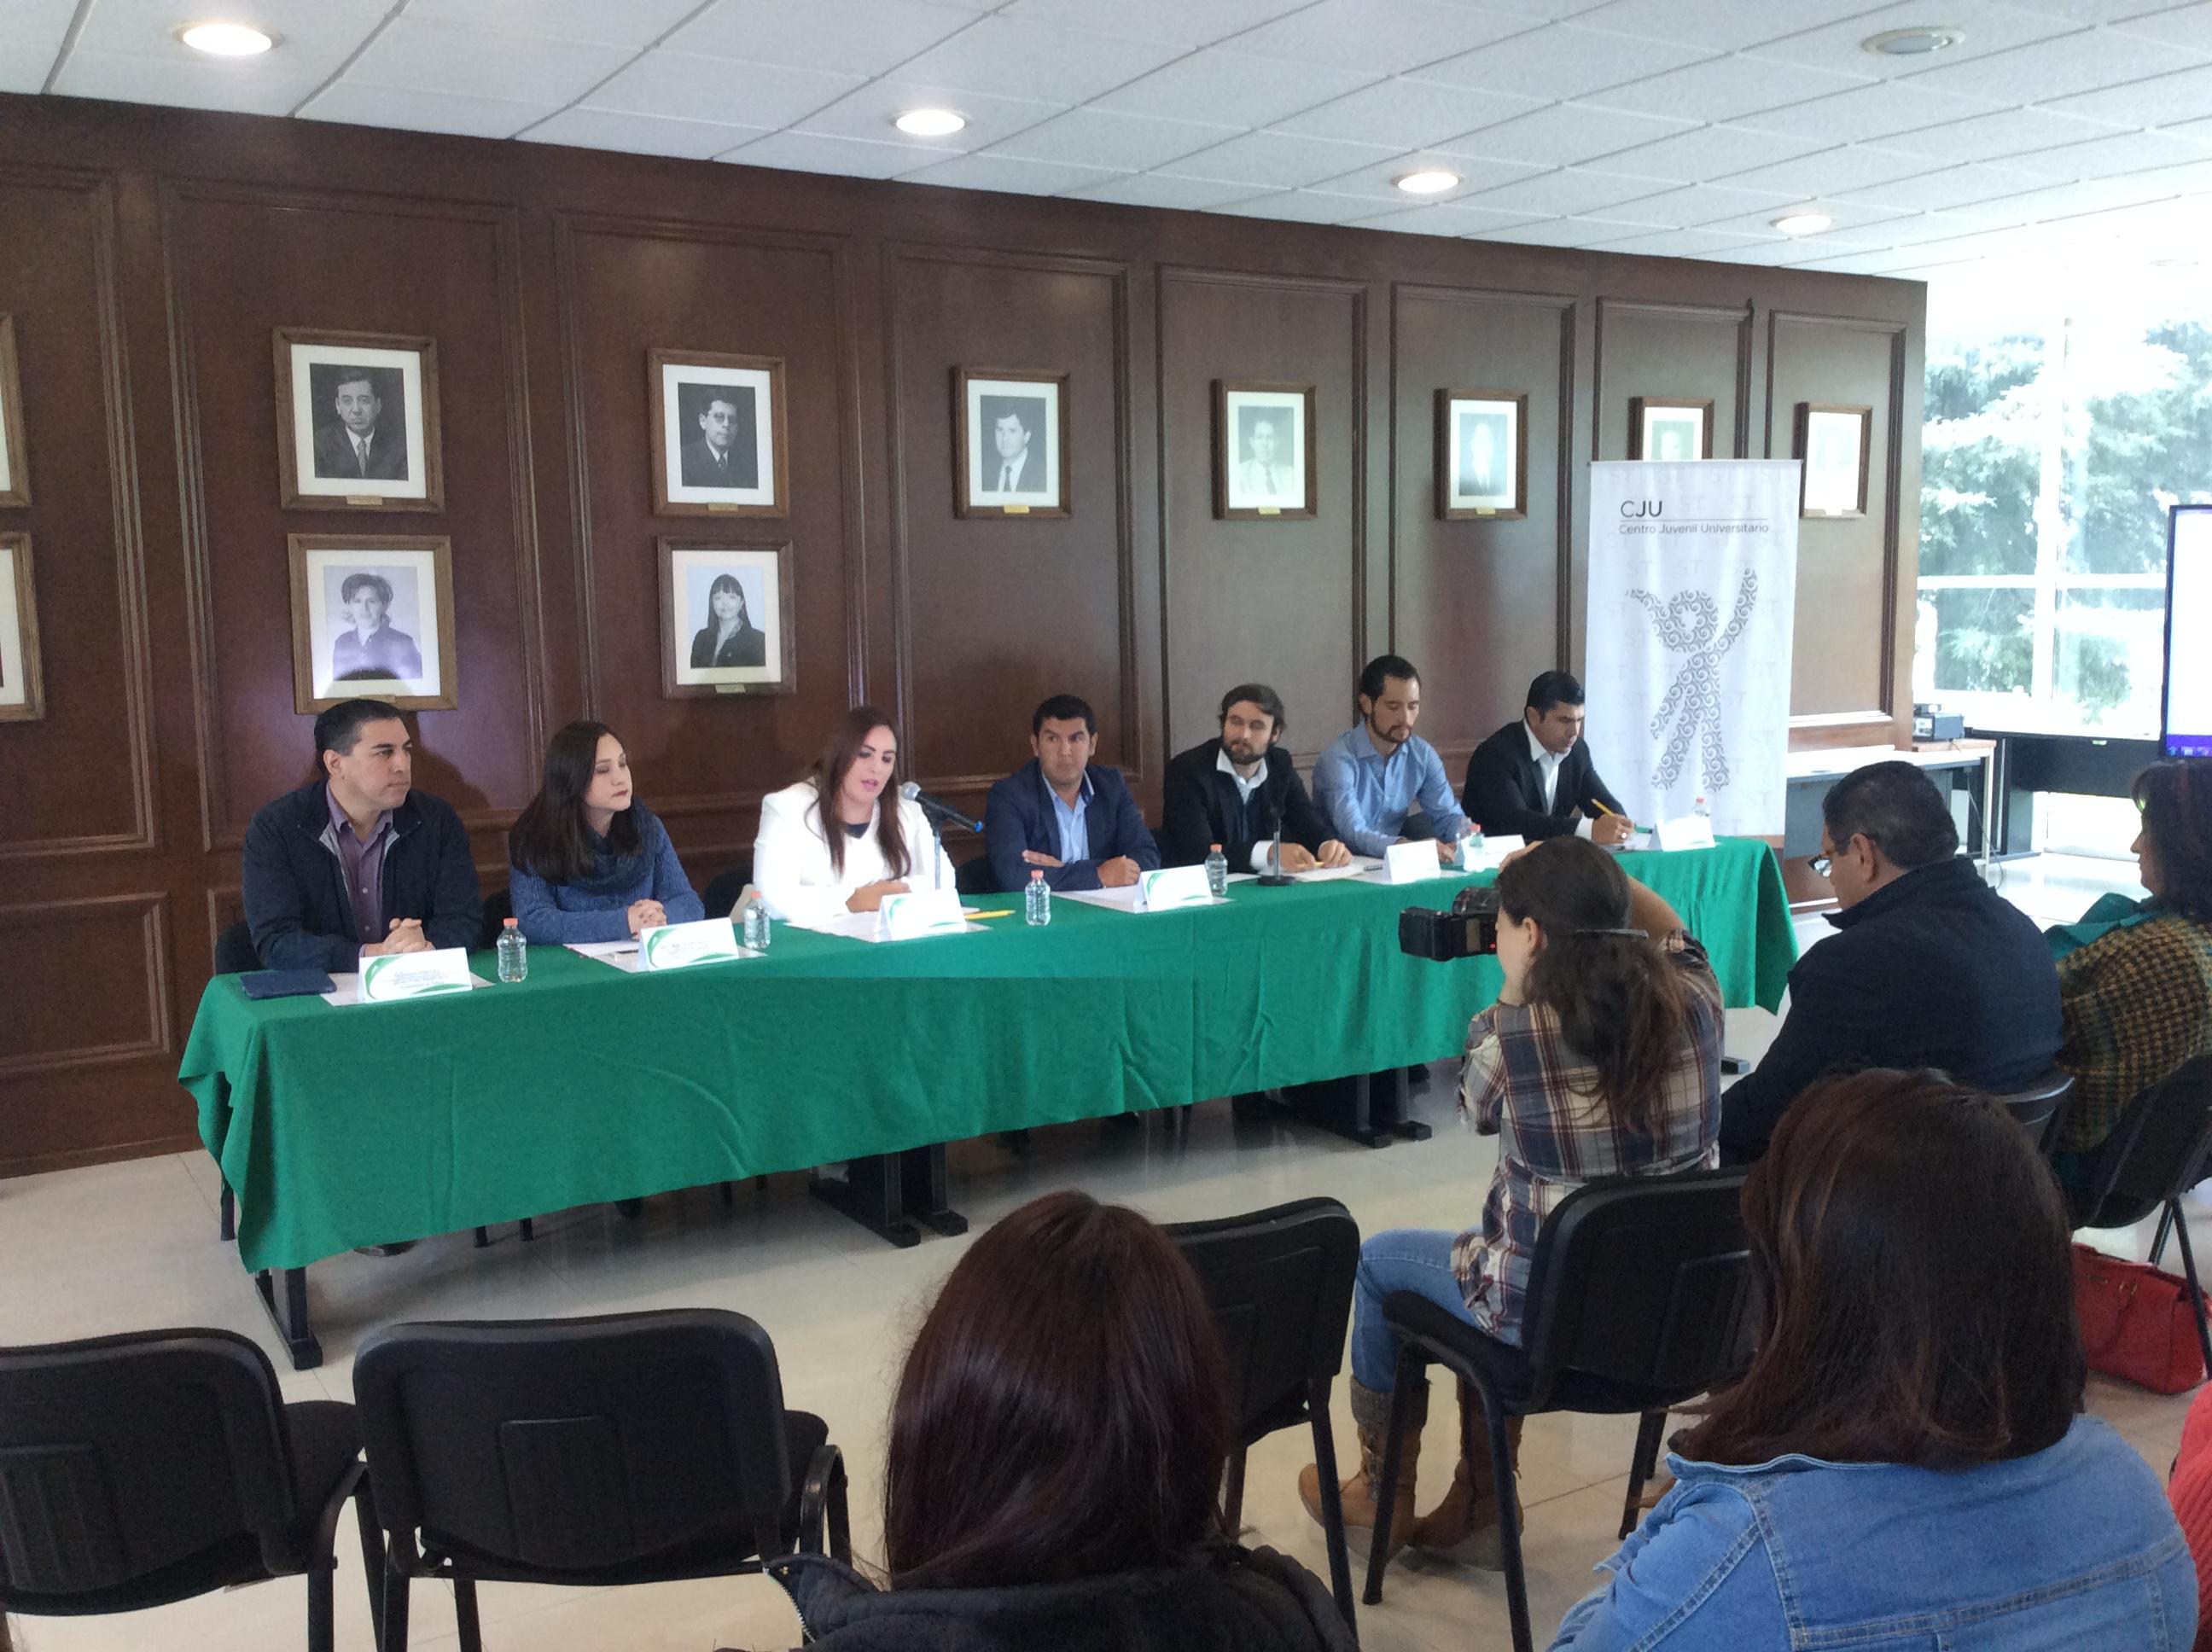 Buscan ediles de Toluca ideas para realizar su trabajo